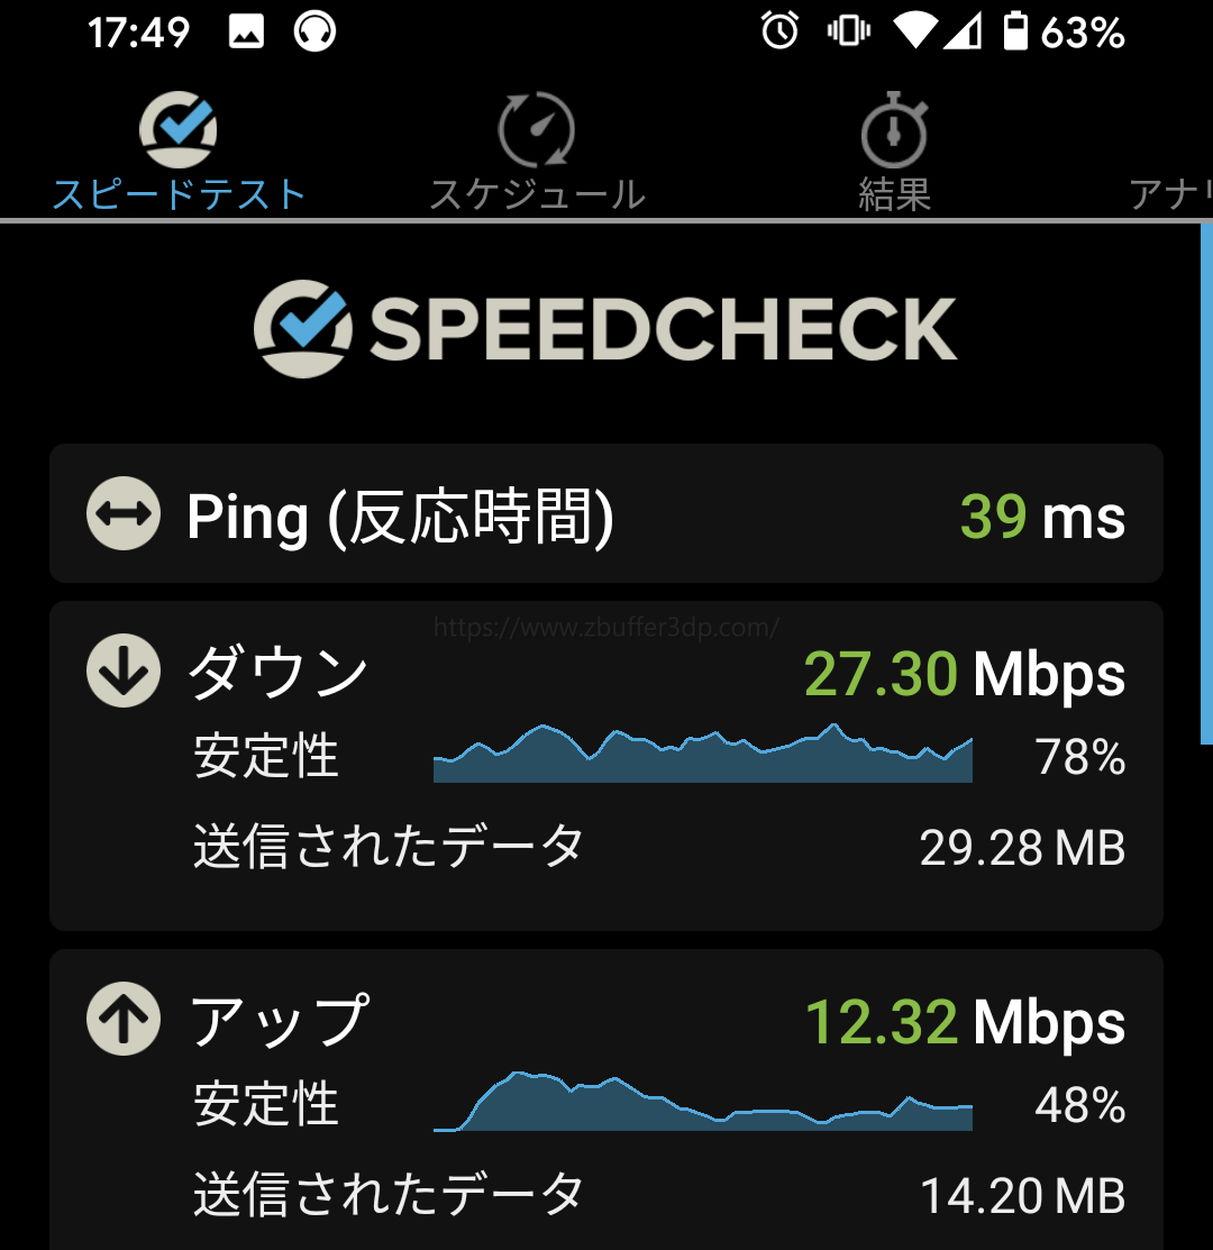 クラウドWi-Fi(東京) 夕方の速度